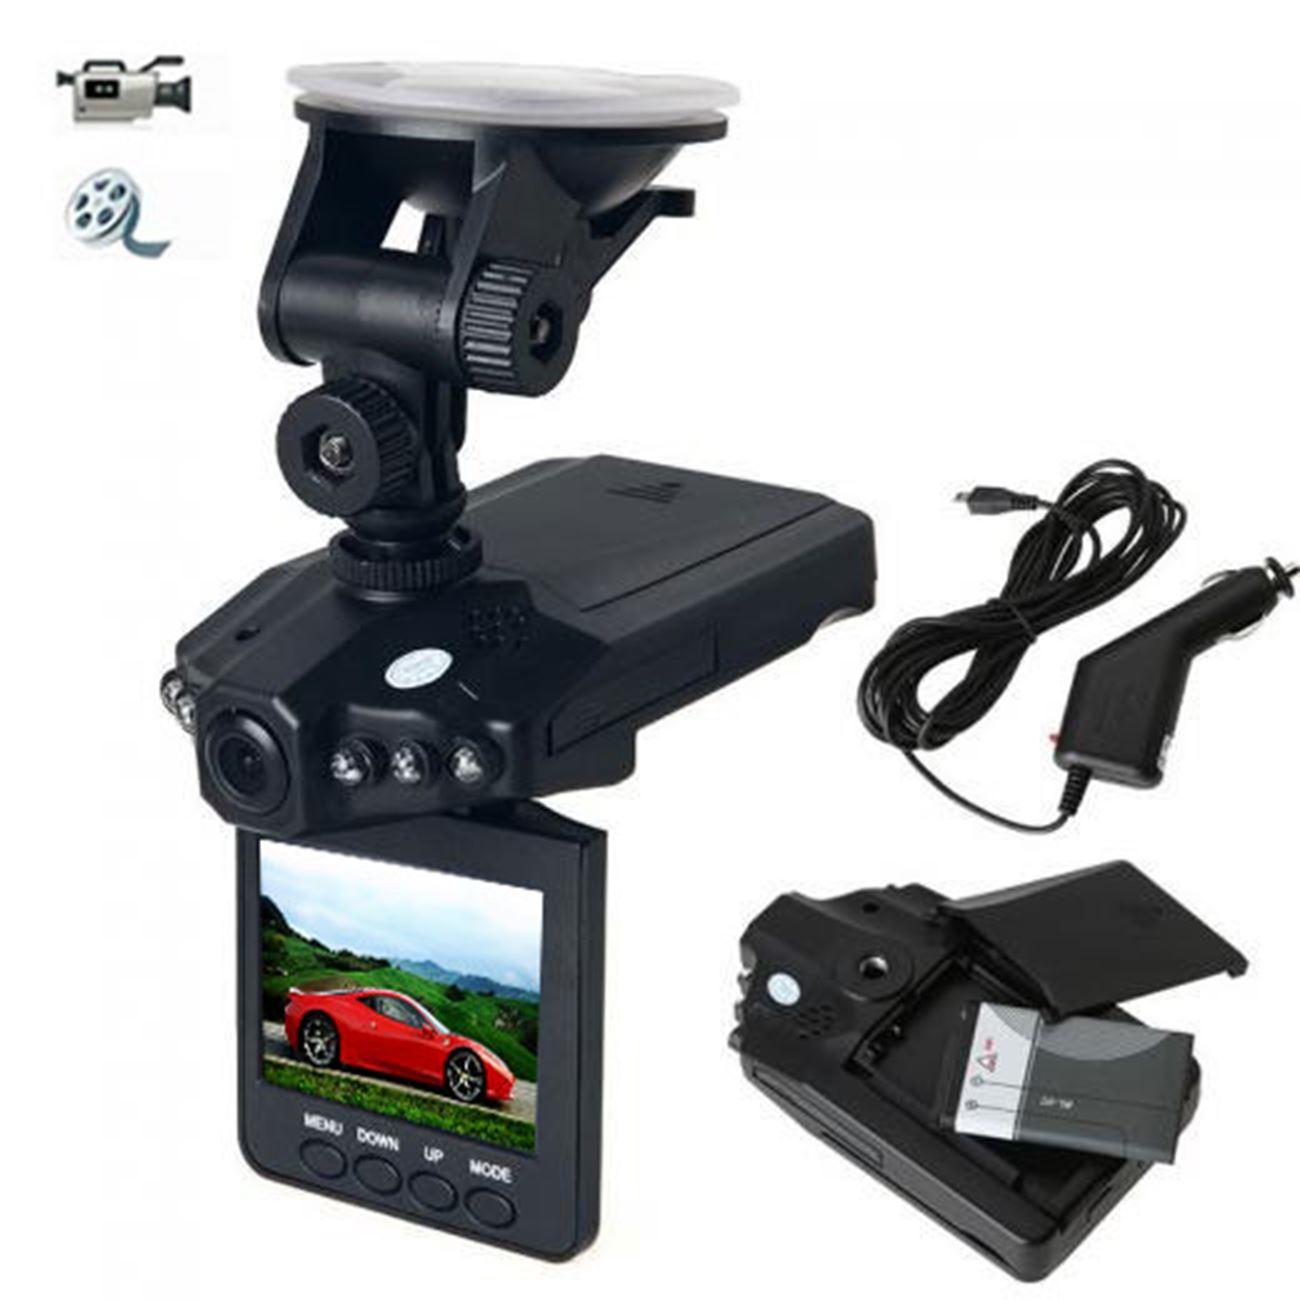 Κάμερα καταγραφικό αυτοκινήτου - σπιτιού - πορείας - δολιοφθορών   Κάμερες  - Καταγραφικά πορείας αυτοκινήτου  1cab4b0830f